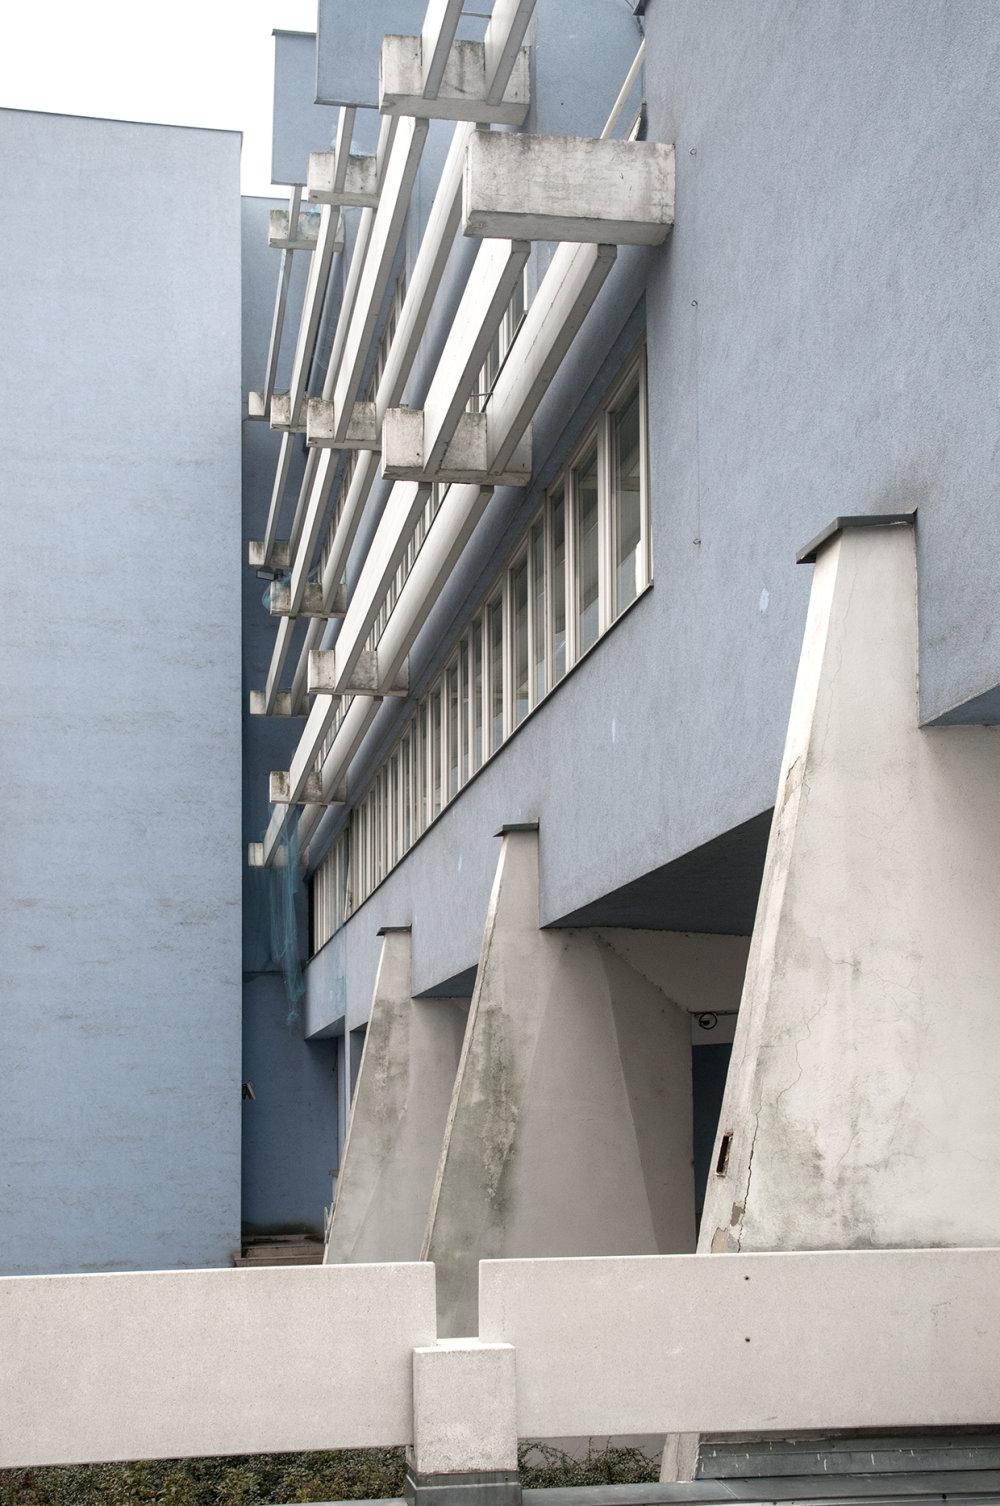 Slovenský zväz spotrebných družstiev, Bratislava, Lumír Lýsek, Lýdia Titlová, interiér Eduard Šutek, 1976. Foto: Olja Triaška Stefanovič